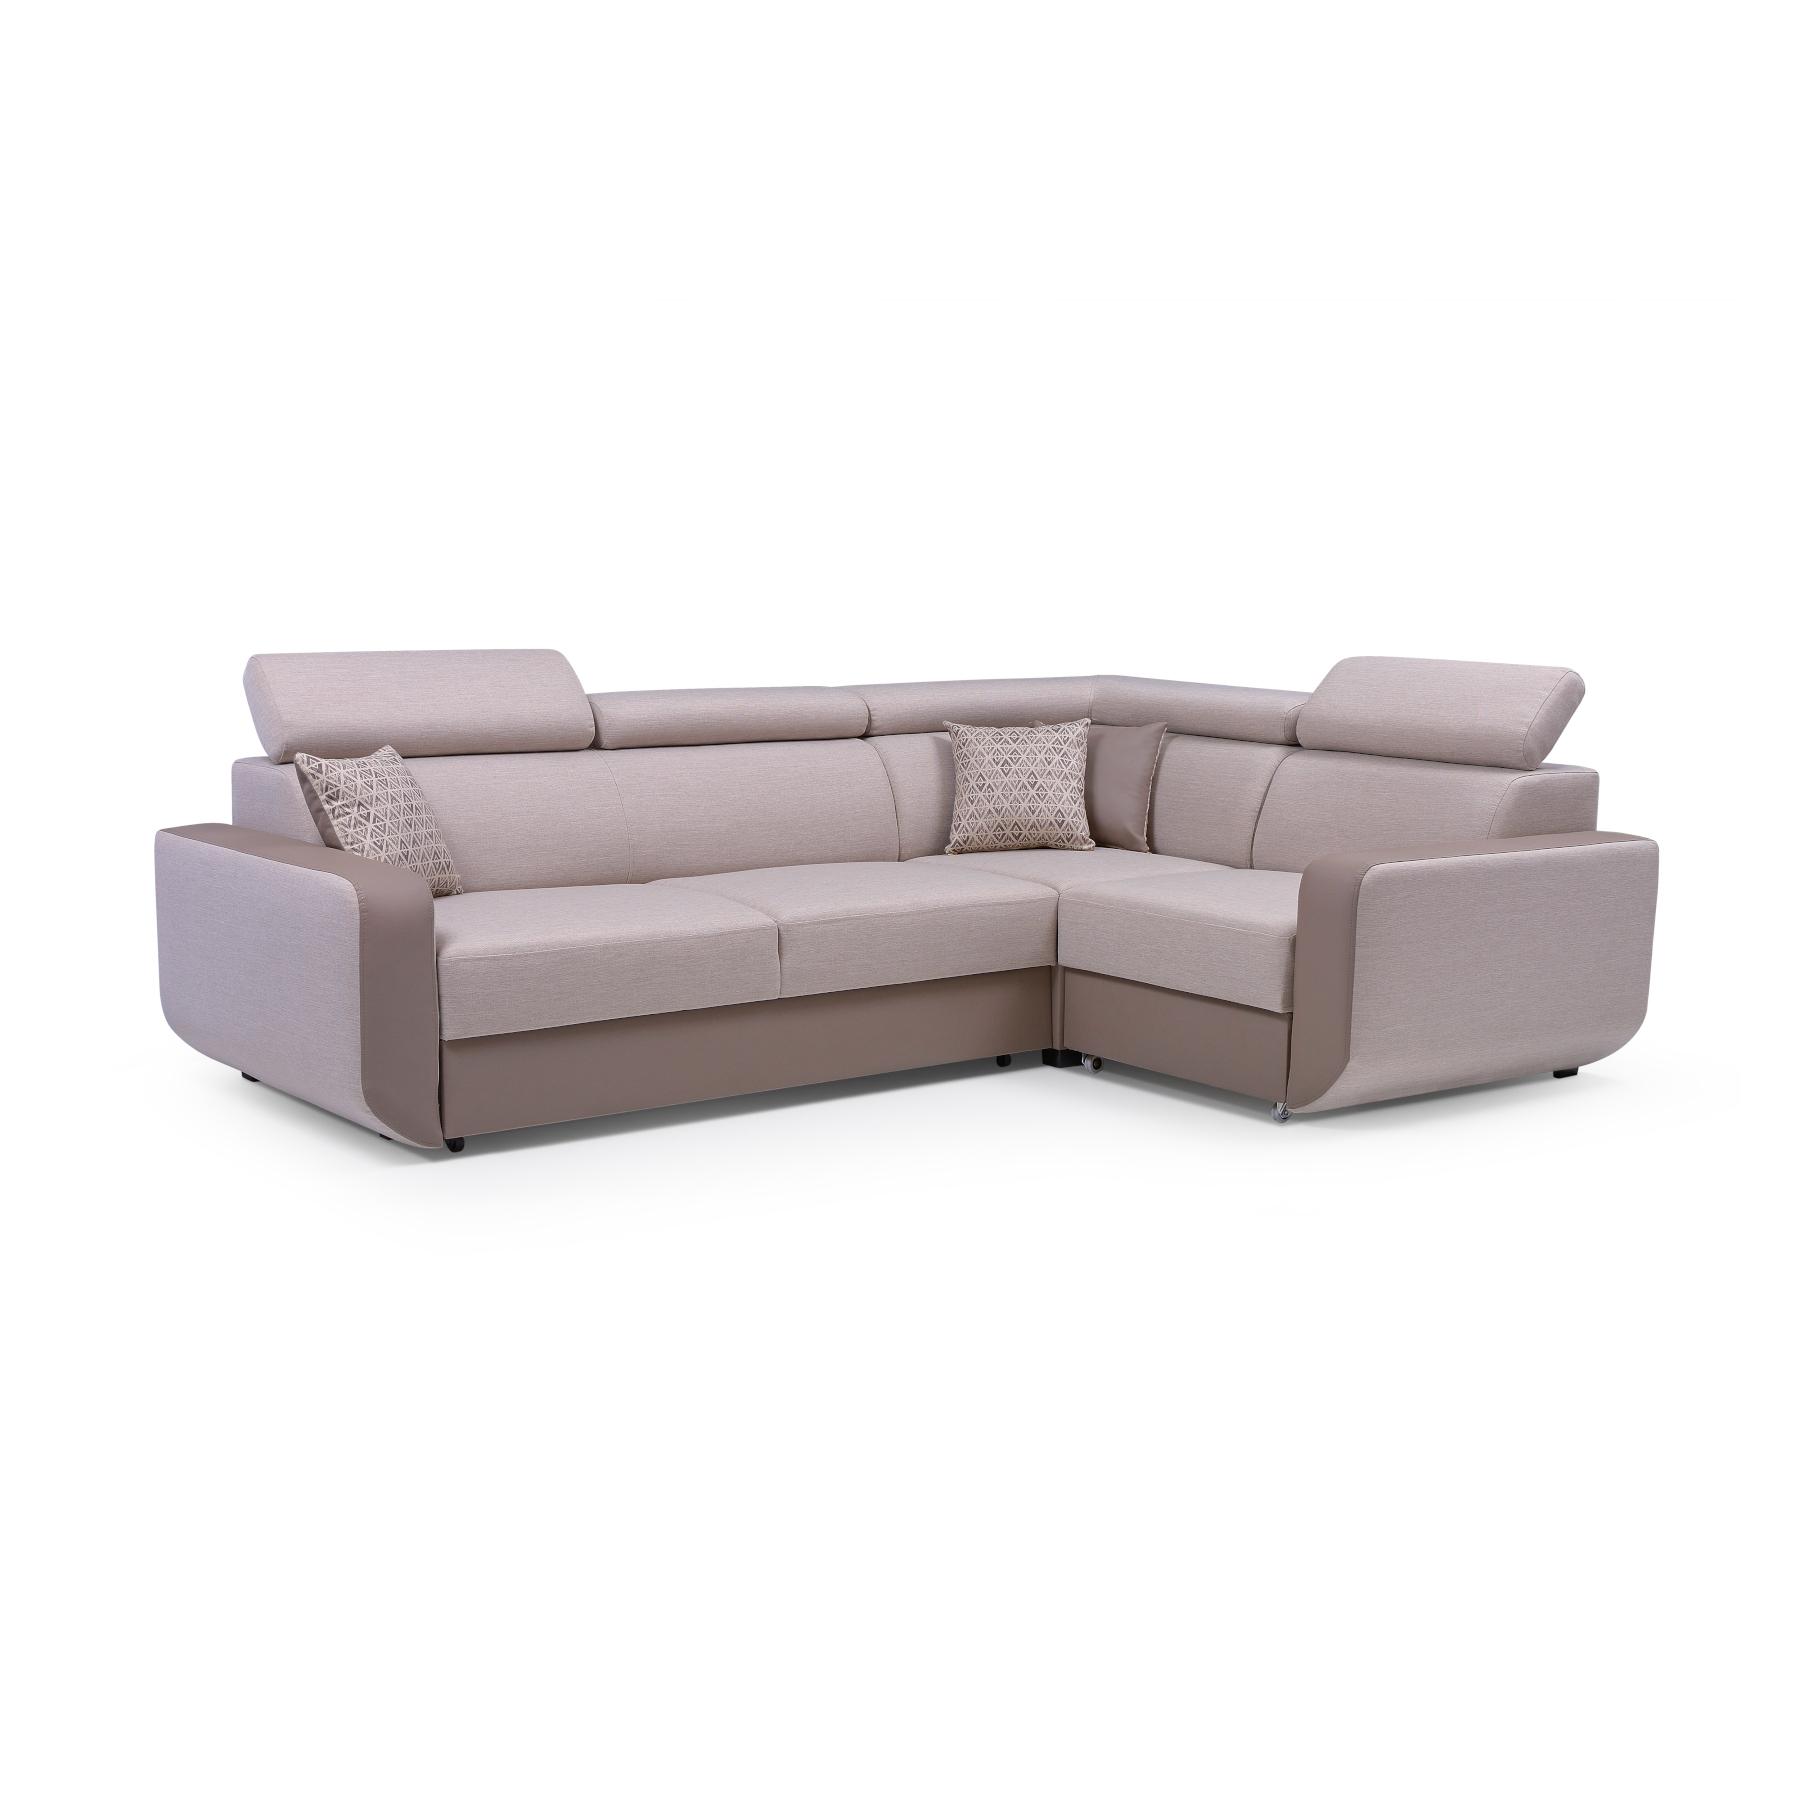 Wohnzimmermöbel Cappuccino: Eckcouch Mit Schlaffunktion Ecksofa Couch Wohnlandschaft L